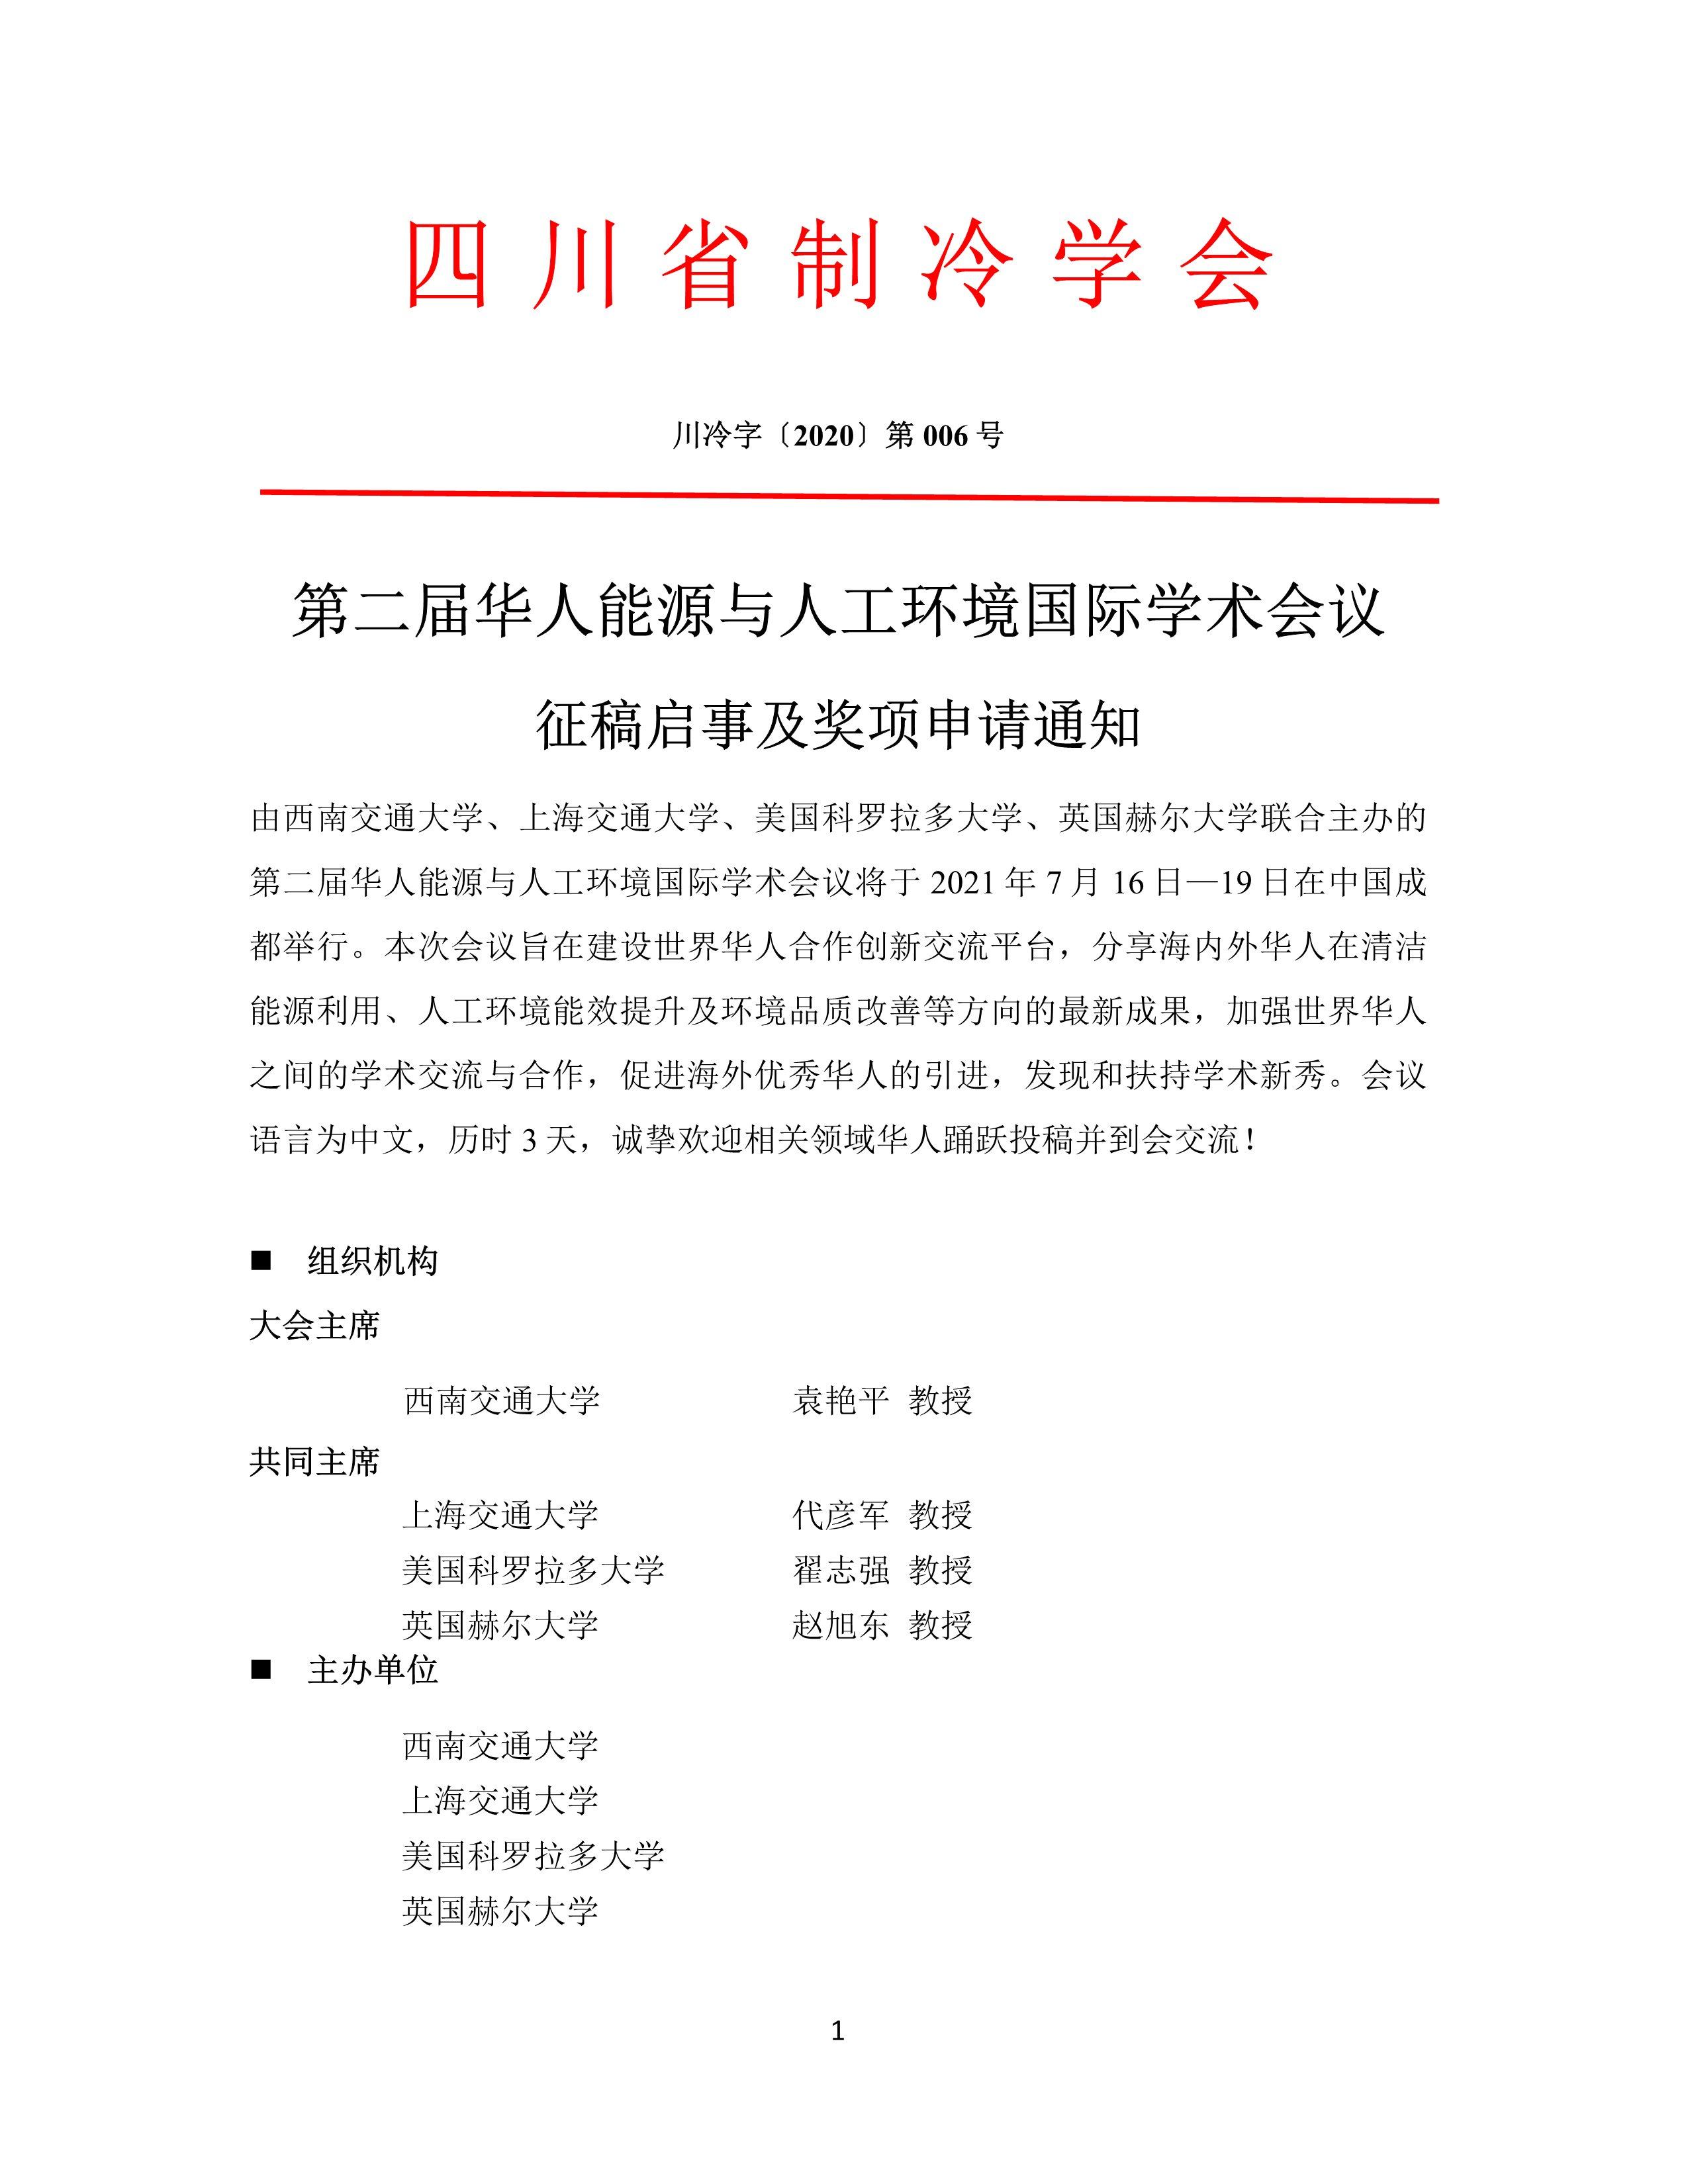 第二届华人能源与人工环境国际学术会议征稿启事及奖项申请通知